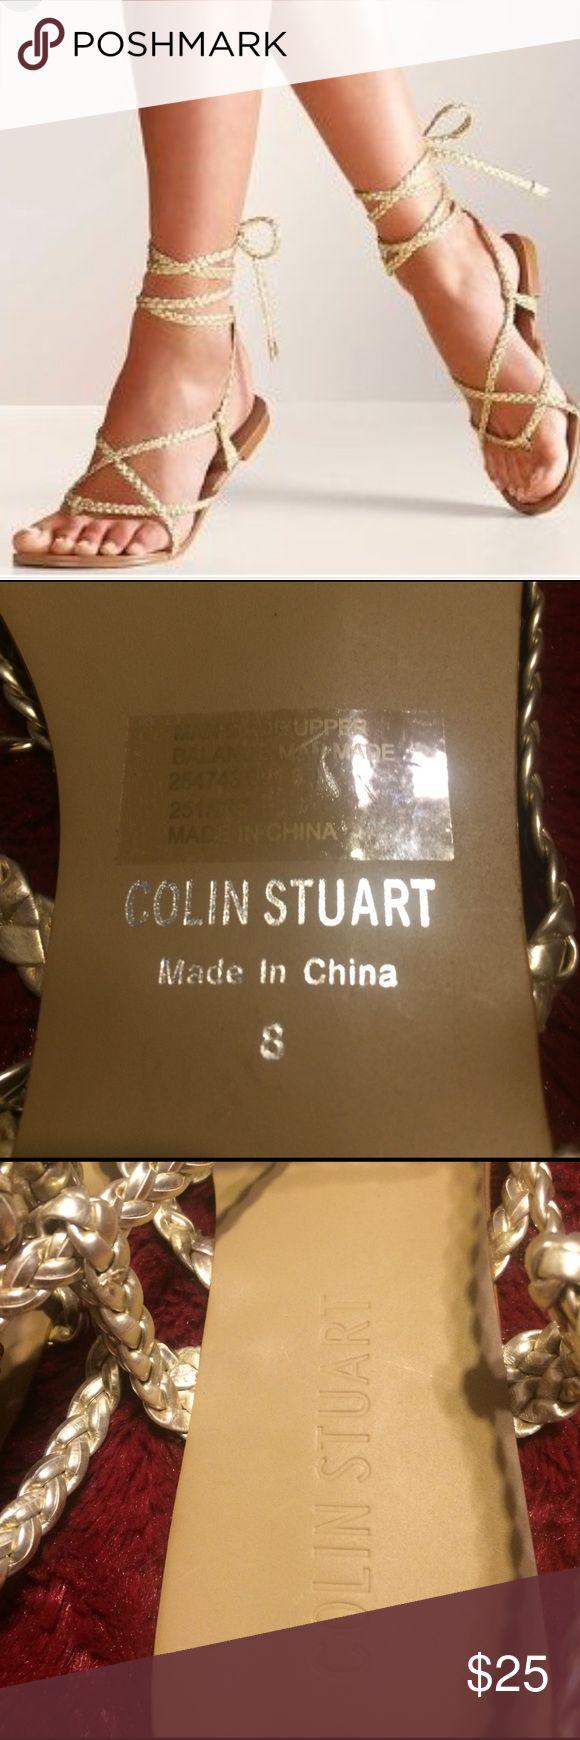 Colin Stuart Gold Braided Ankle Strap Sandals NWOT Colin Stuart Gold Braided Ankle Strap Sandals never worn Size 8 Colin Stuart Shoes Sandals